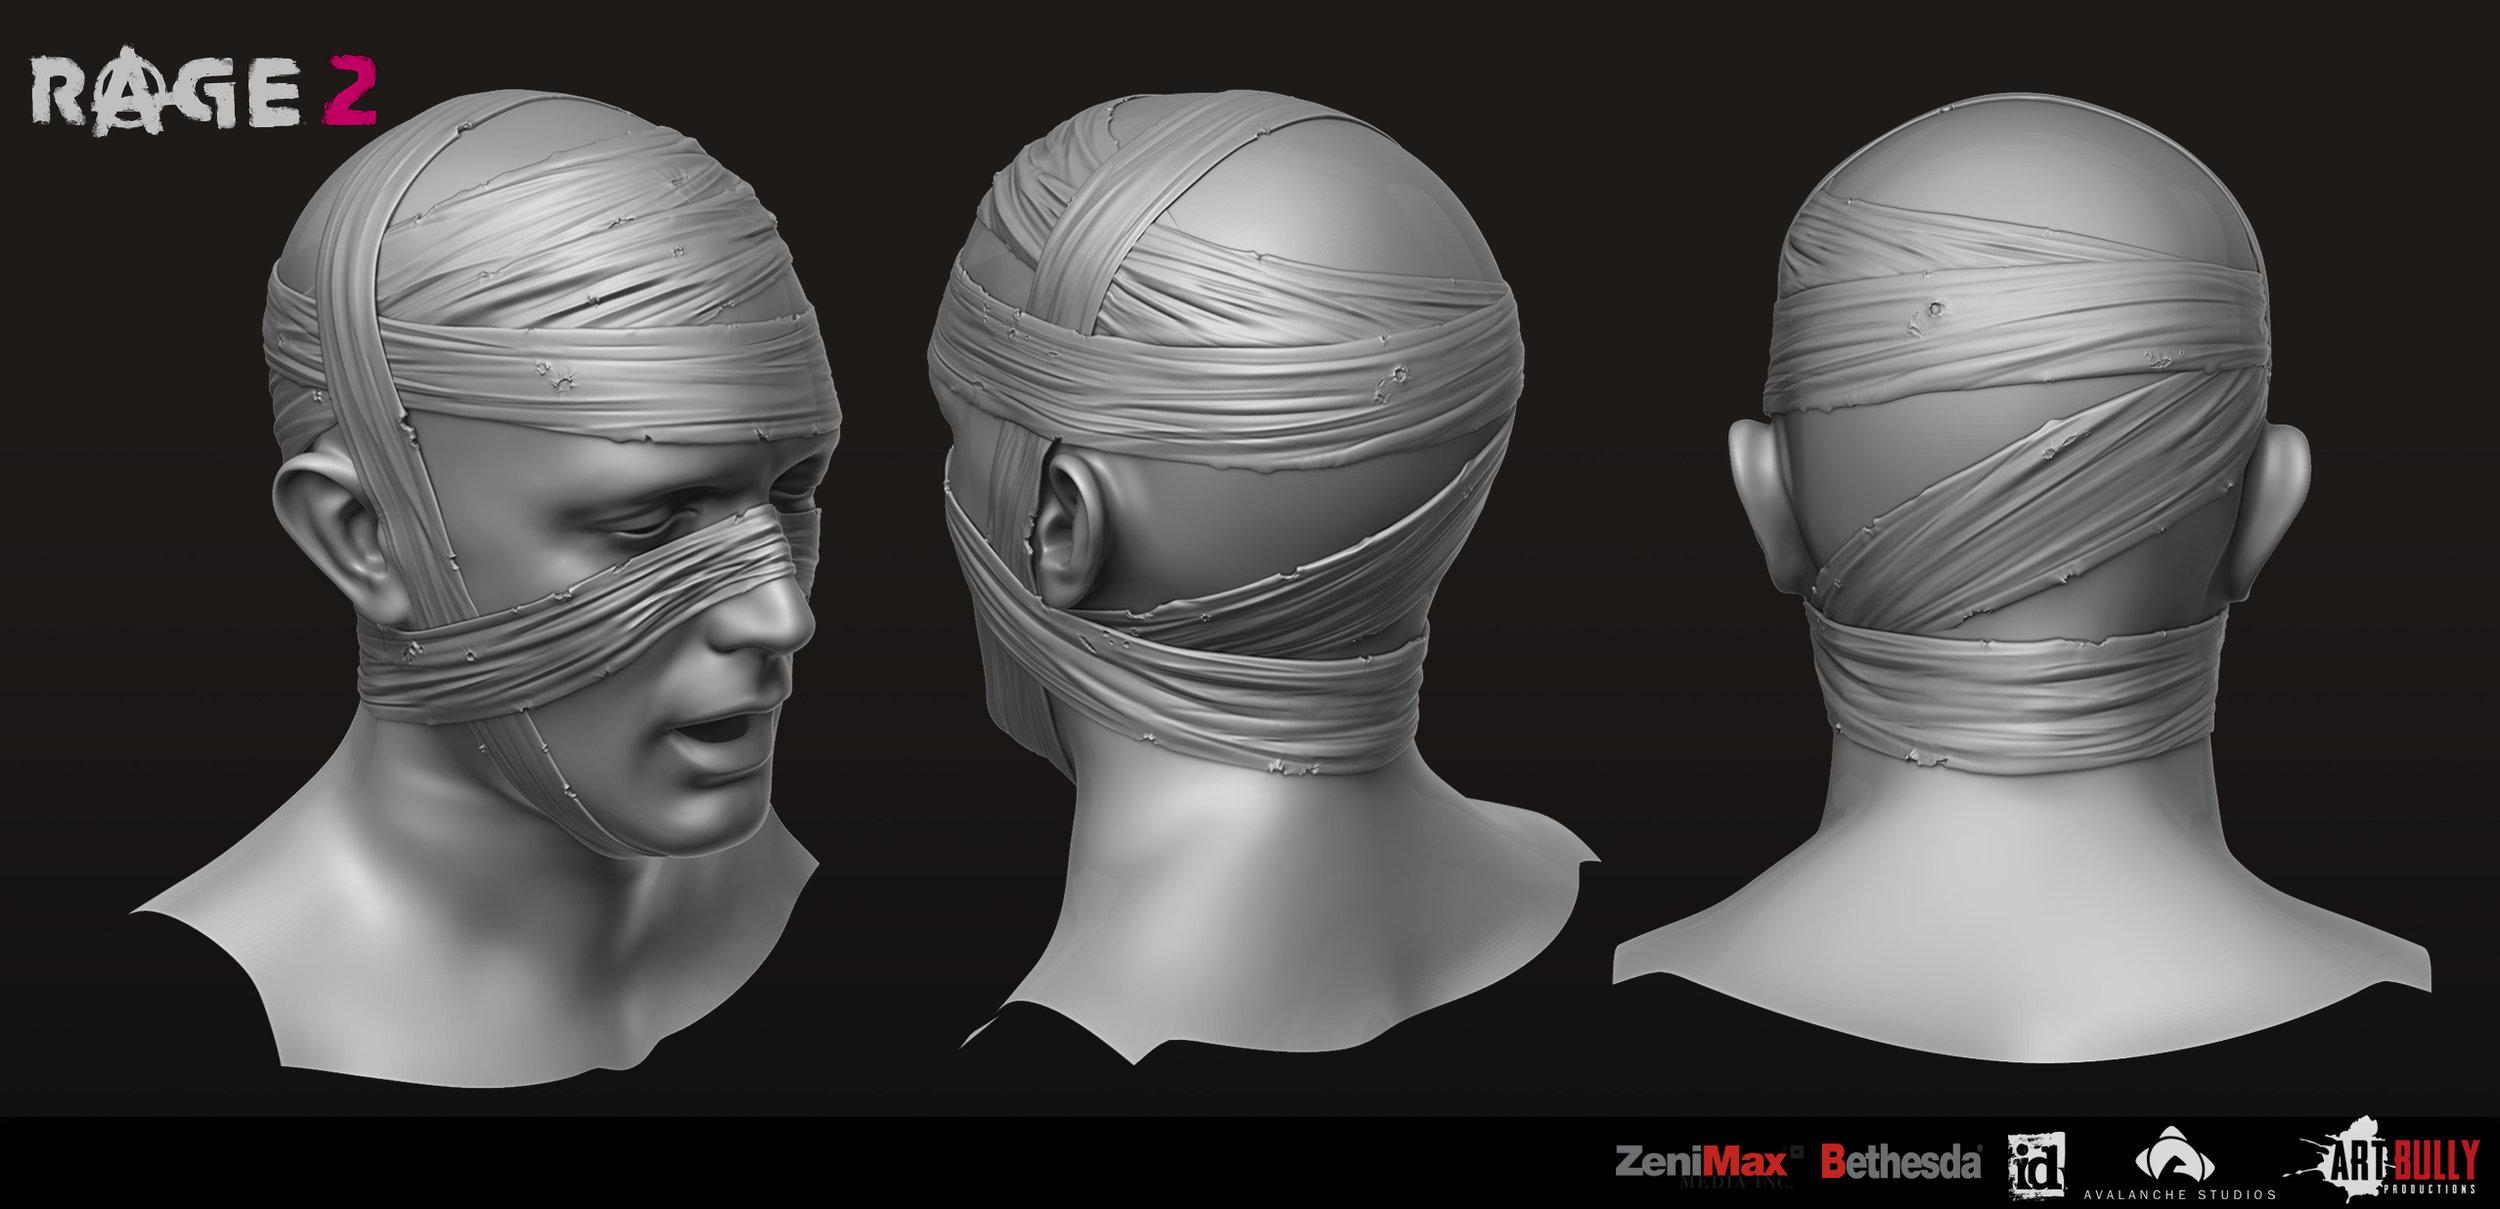 Civilian_Gear_Set_03_Heads_01_Head_Bandage_render.jpg